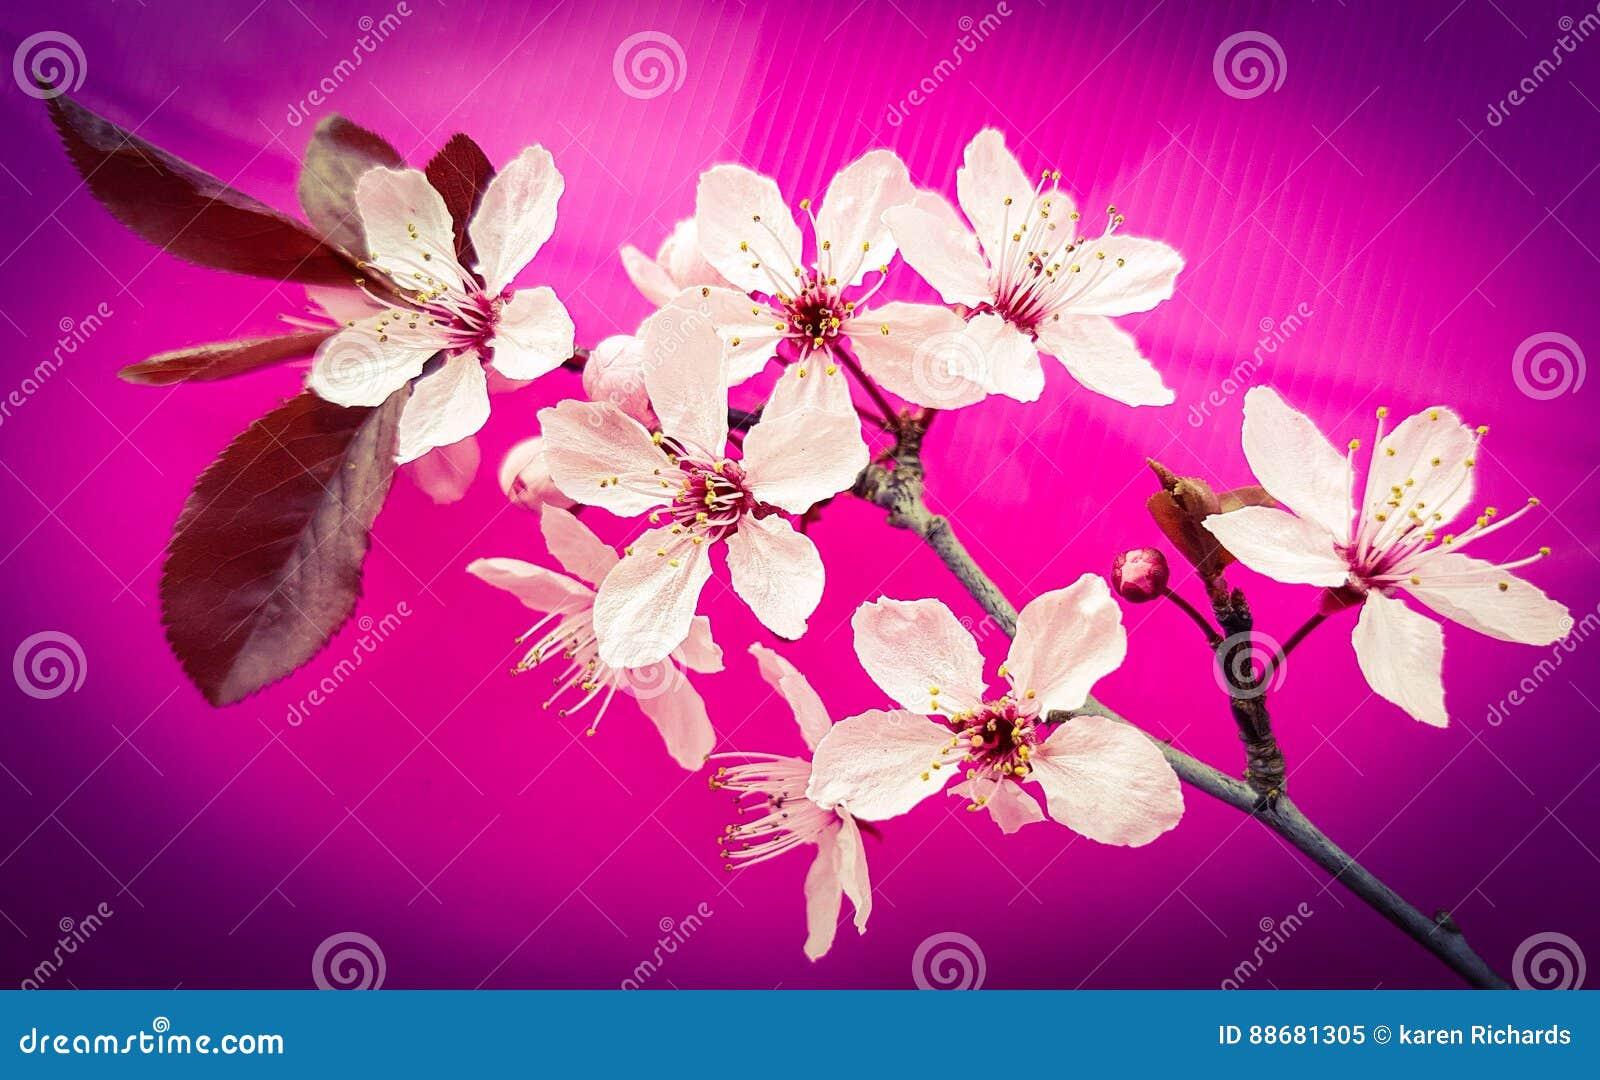 Branche D Arbre Rose De Fleur Sur Le Fond Rose Lumineux Image Stock